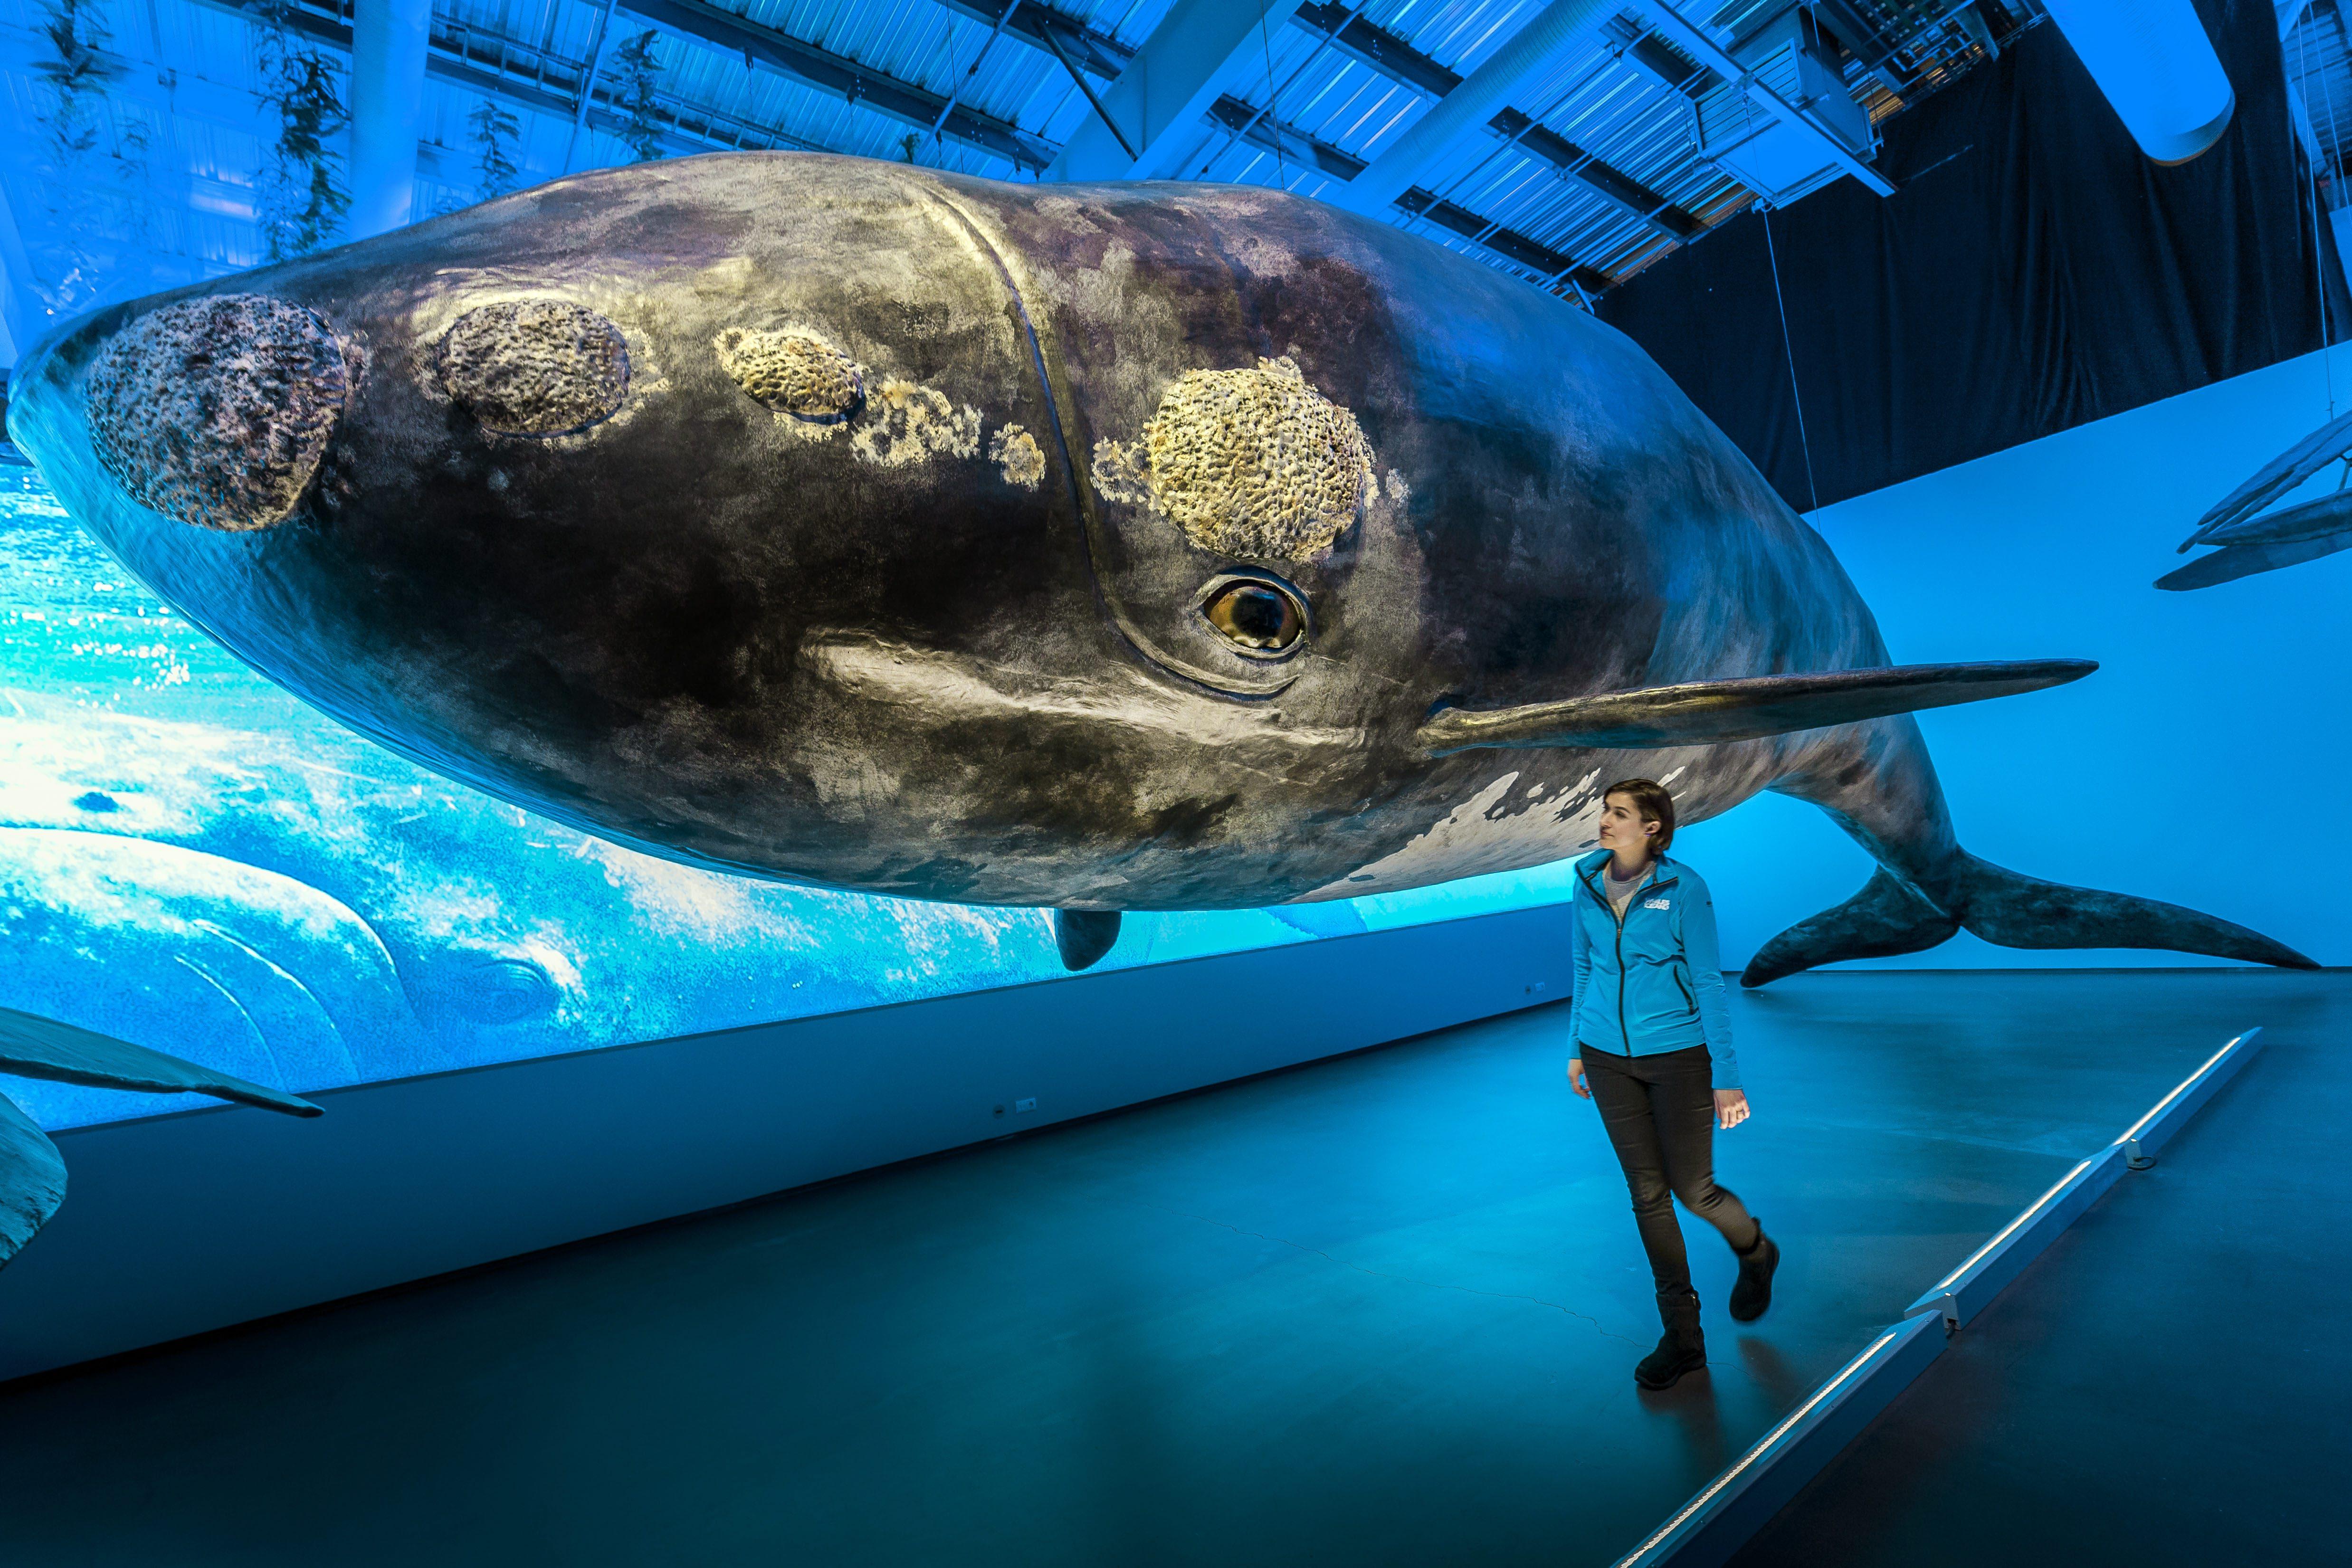 Un modèle de baleine grandeur nature